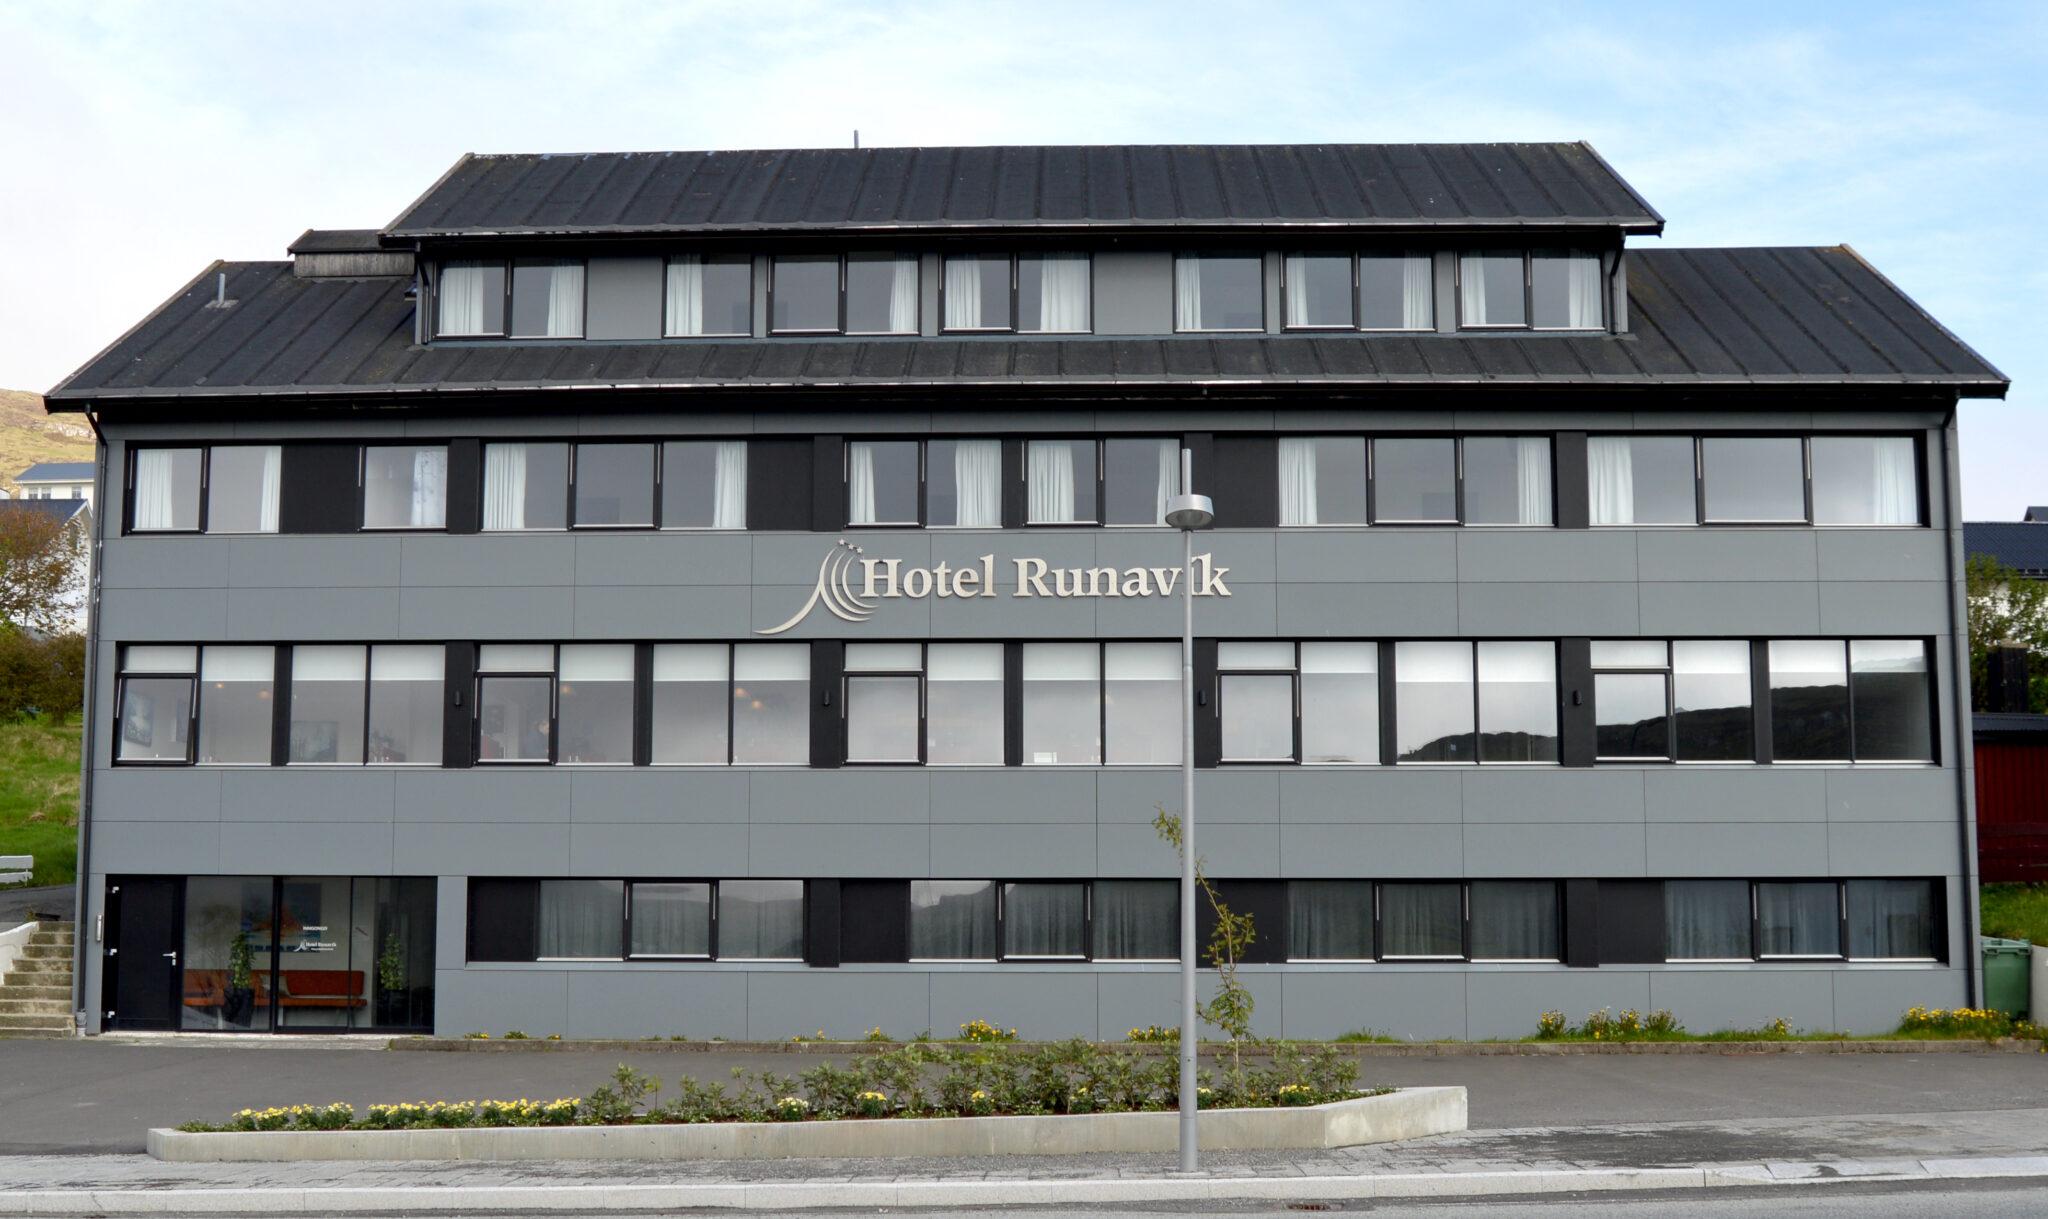 Restaurant Hotel Runavík